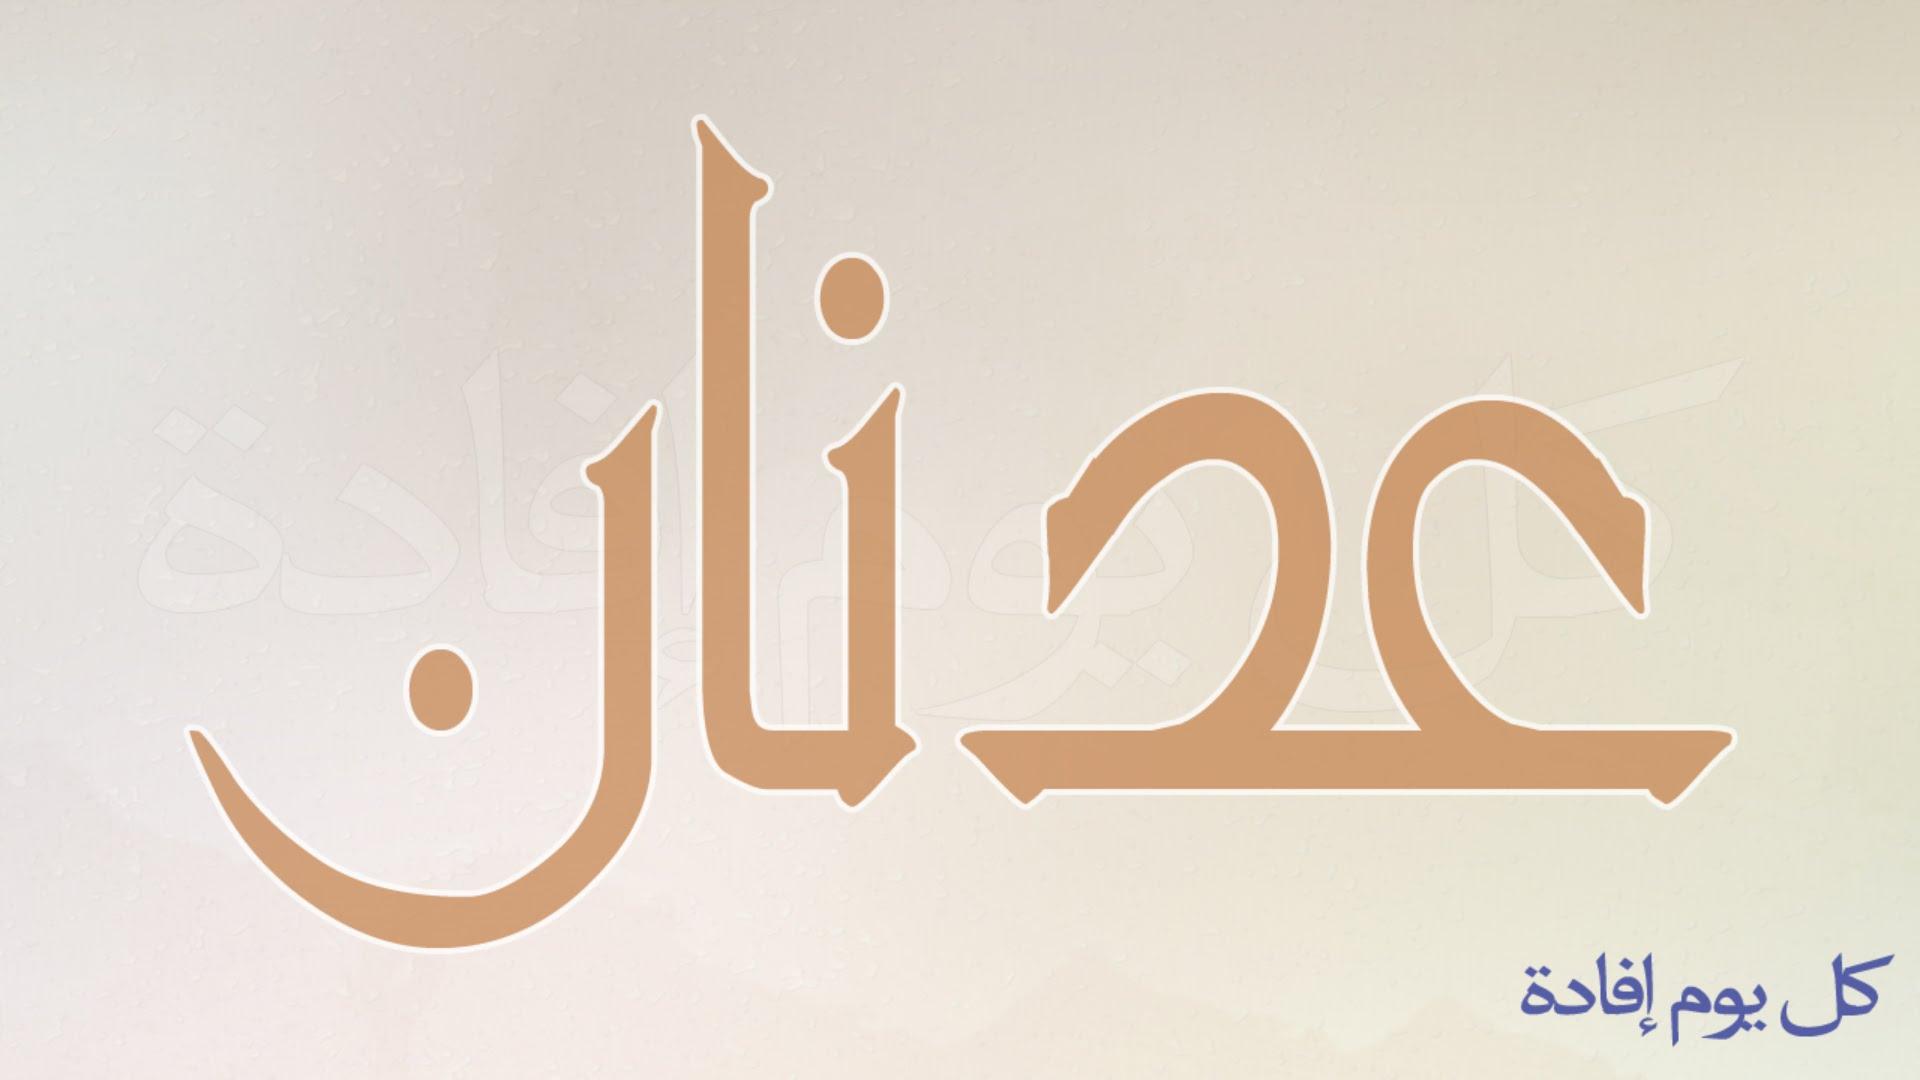 بالصور معنى اسم عدنان , معاني اسماء الاولاد 2204 6